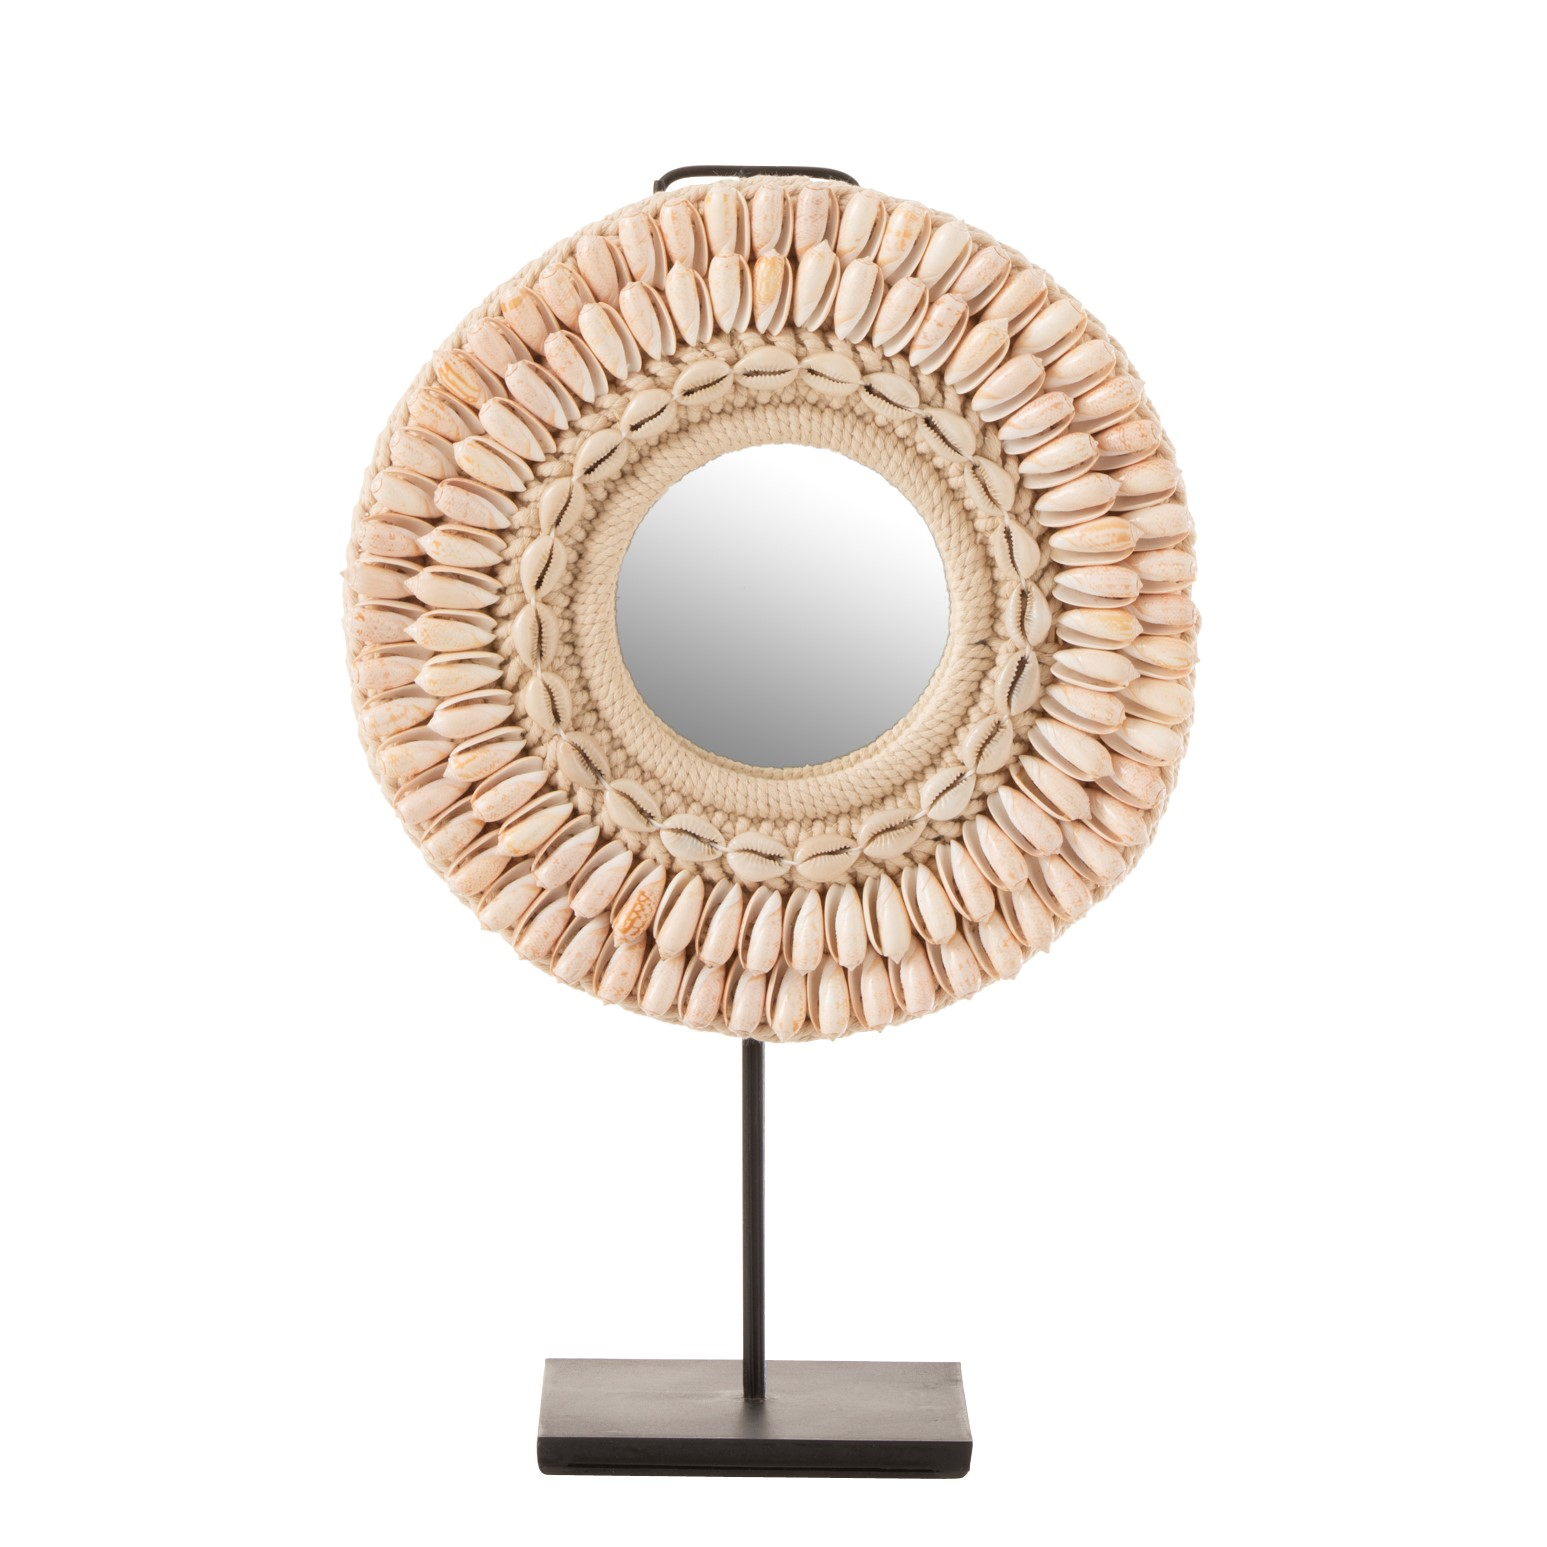 Pöytäpeili Mona Shells, Jolipa, 2 eri kokoa